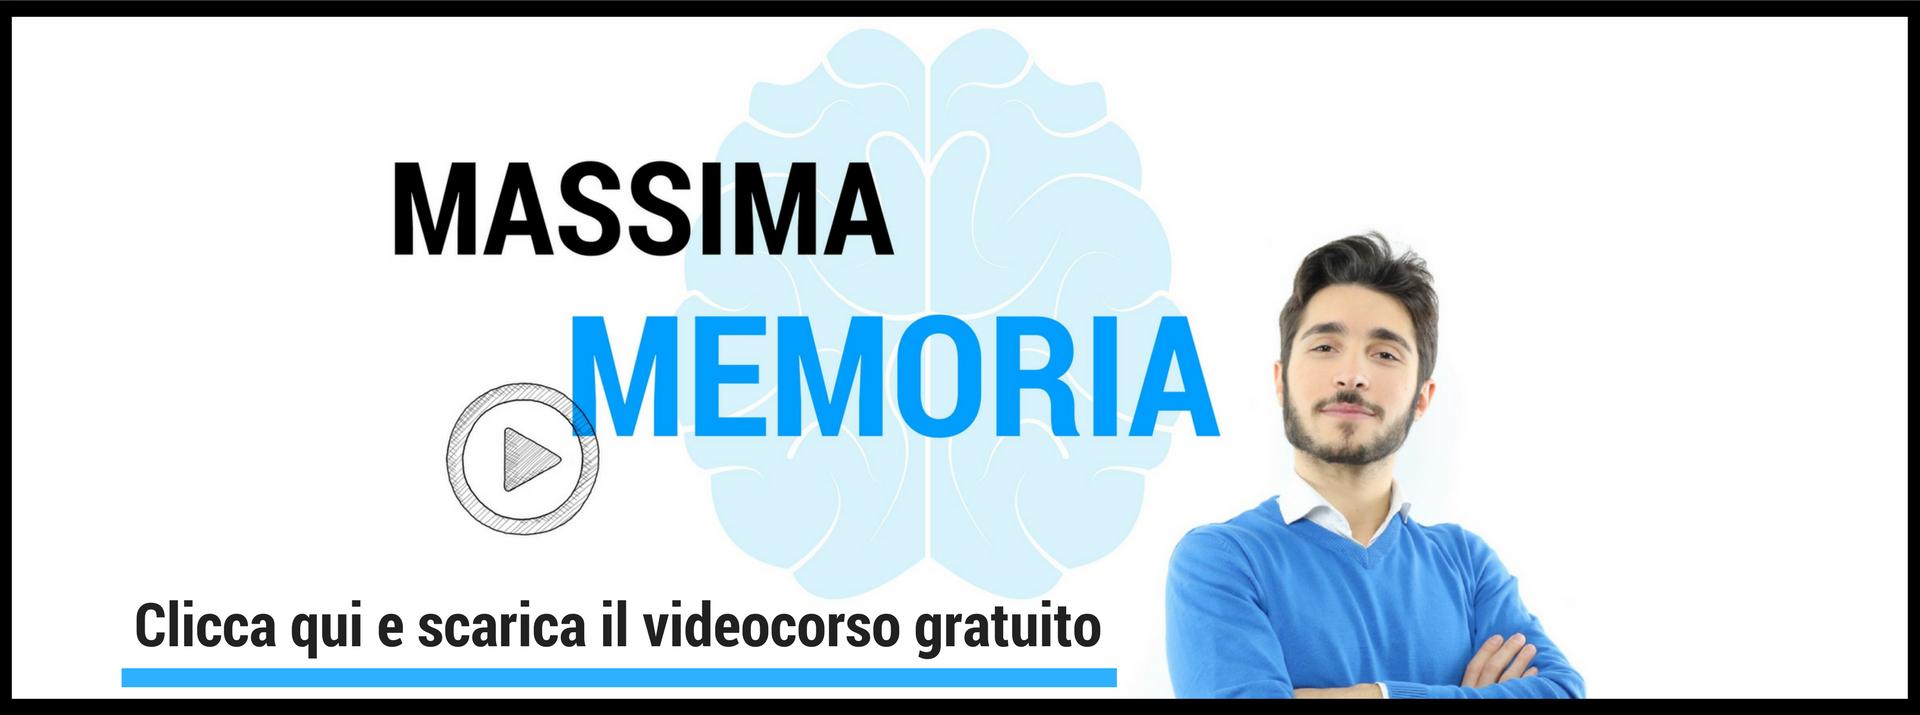 massima memoria videocorso gratuito sul palazzo della memoria